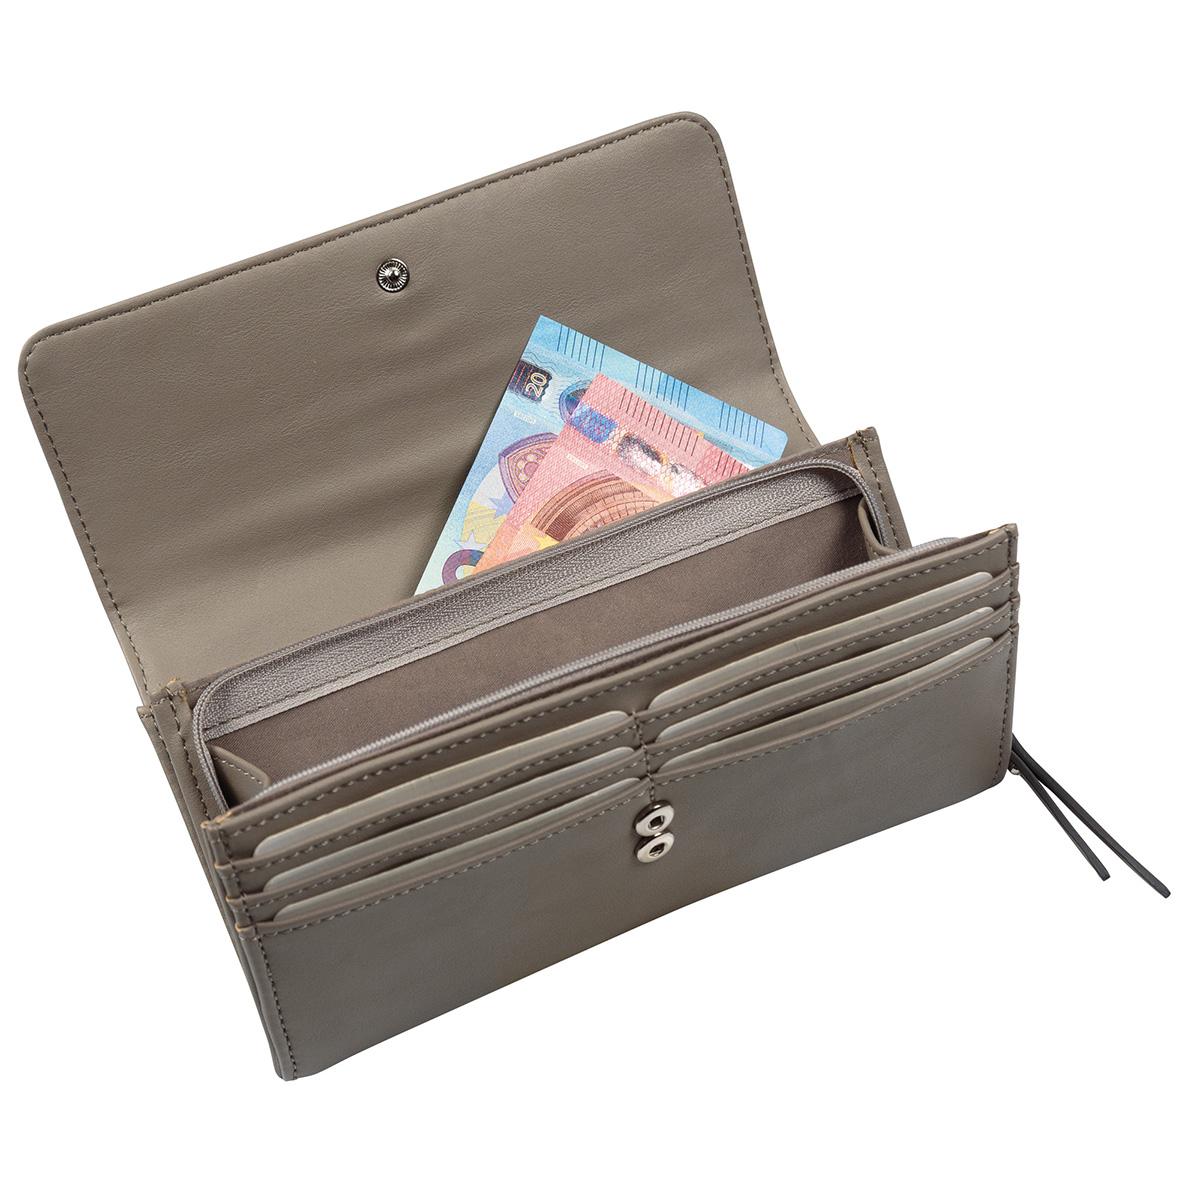 verschiedene Stile neu kommen an neue Liste Tom Tailor Iva Frauen Geldbörse Portemonnaie Geldbeutel 25016